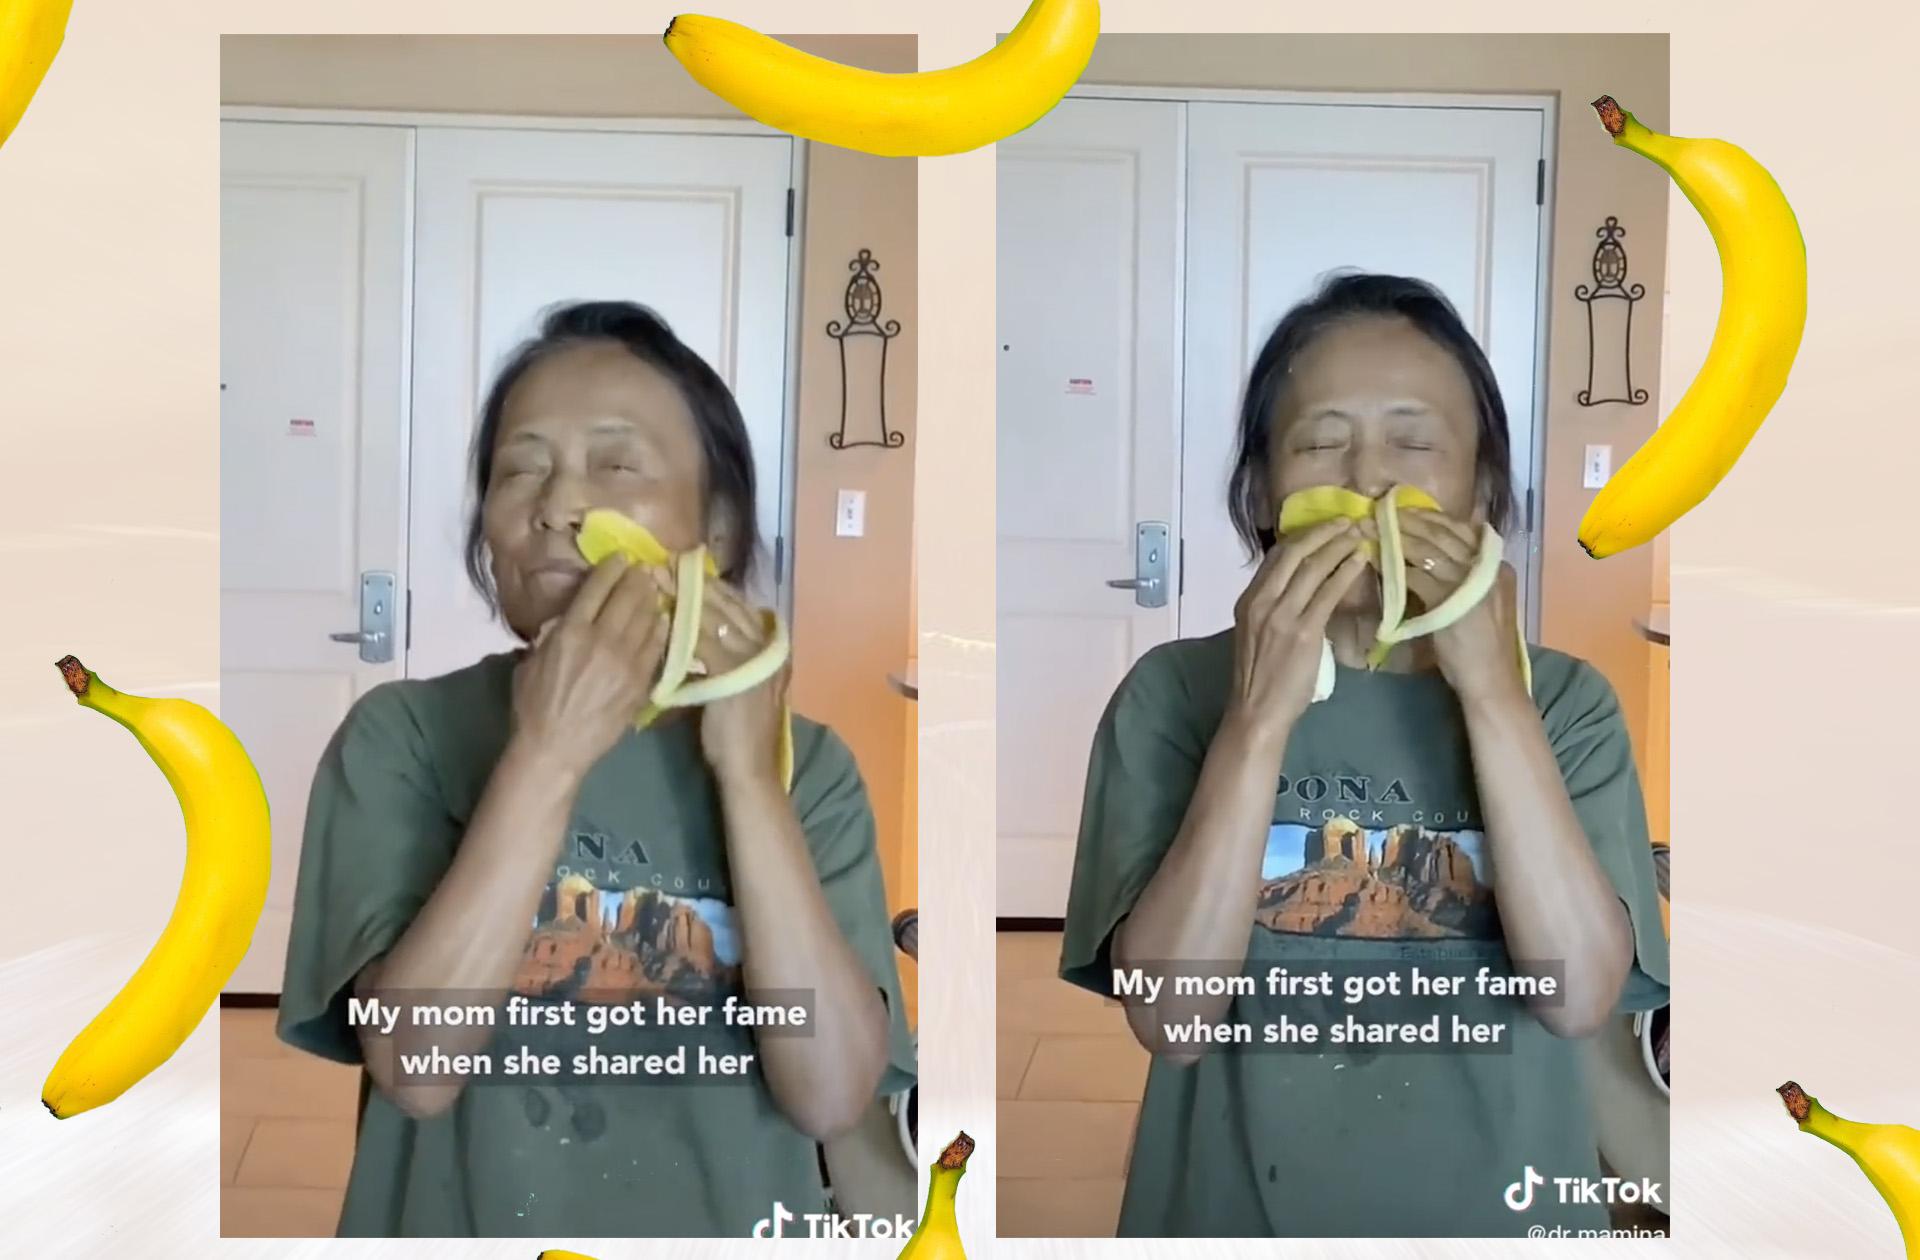 Une dame de 72 ans remet ce geste anti-âge au goût du jour grâce à TikTok